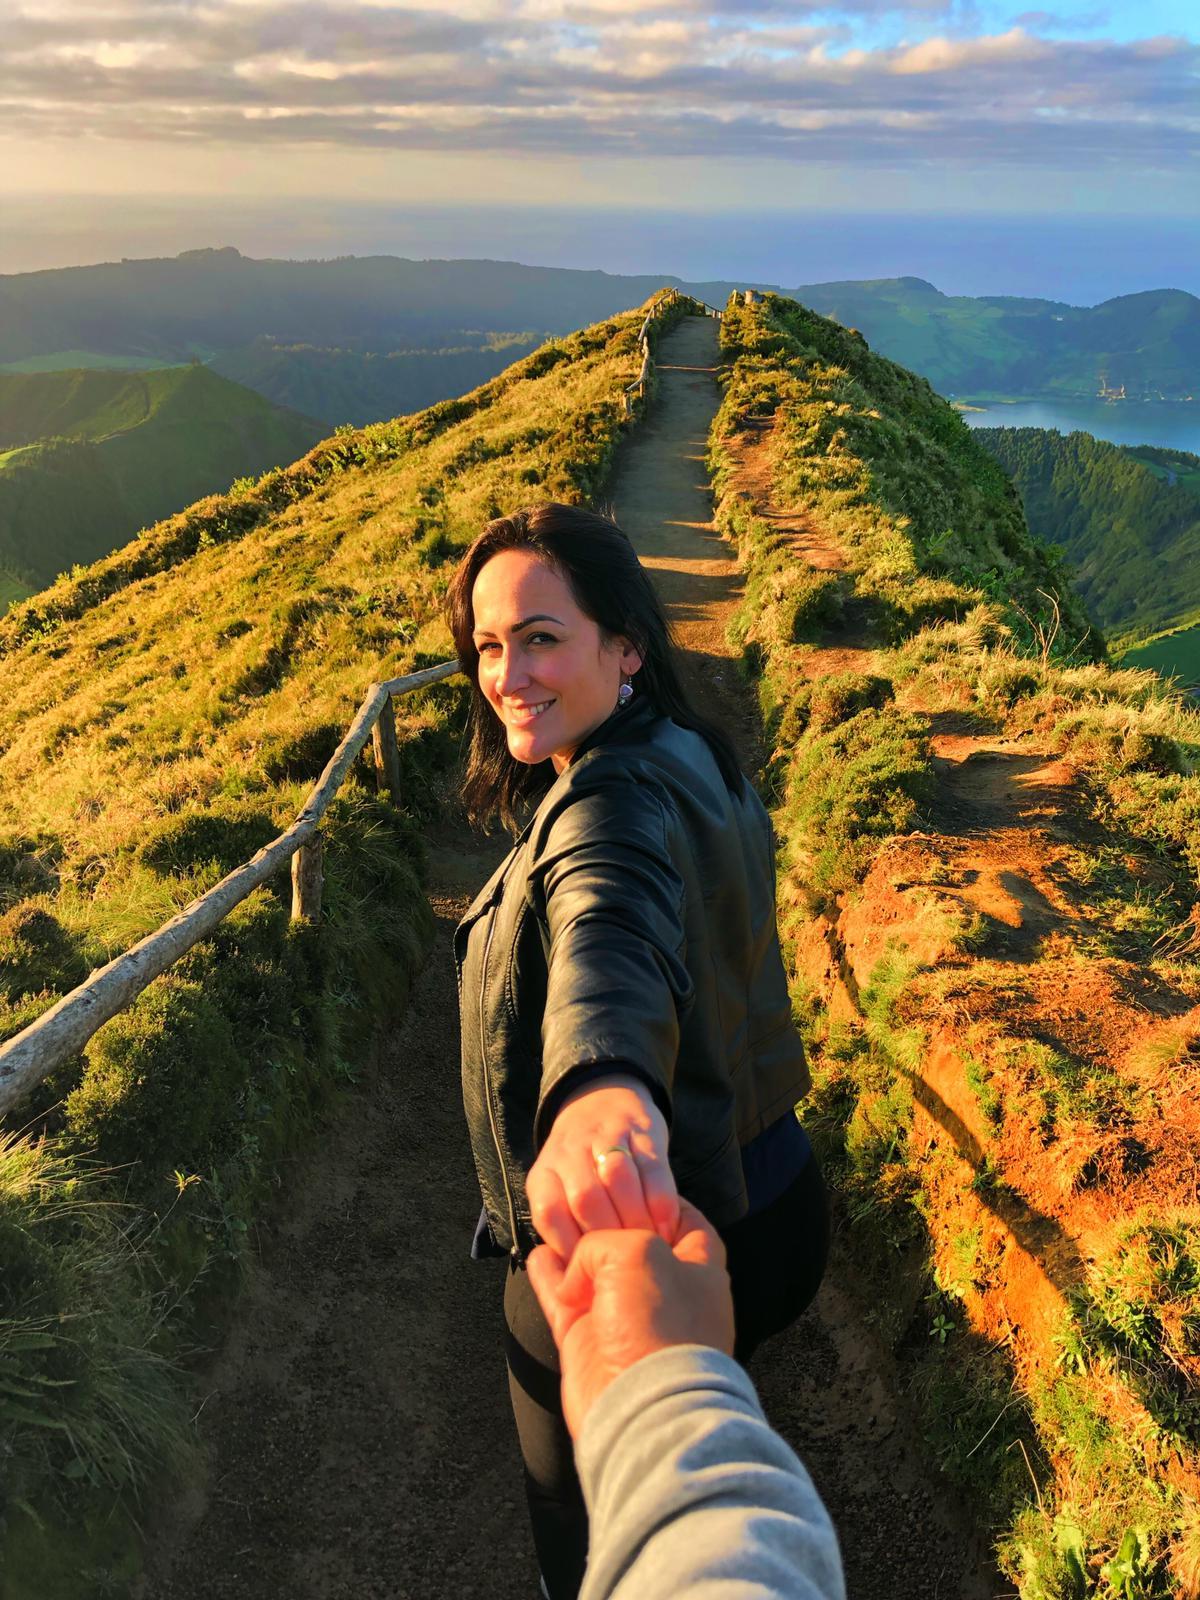 Ana Hickmann apaixonada com a beleza de Portugal   Morar em Portugal 714ffebde8